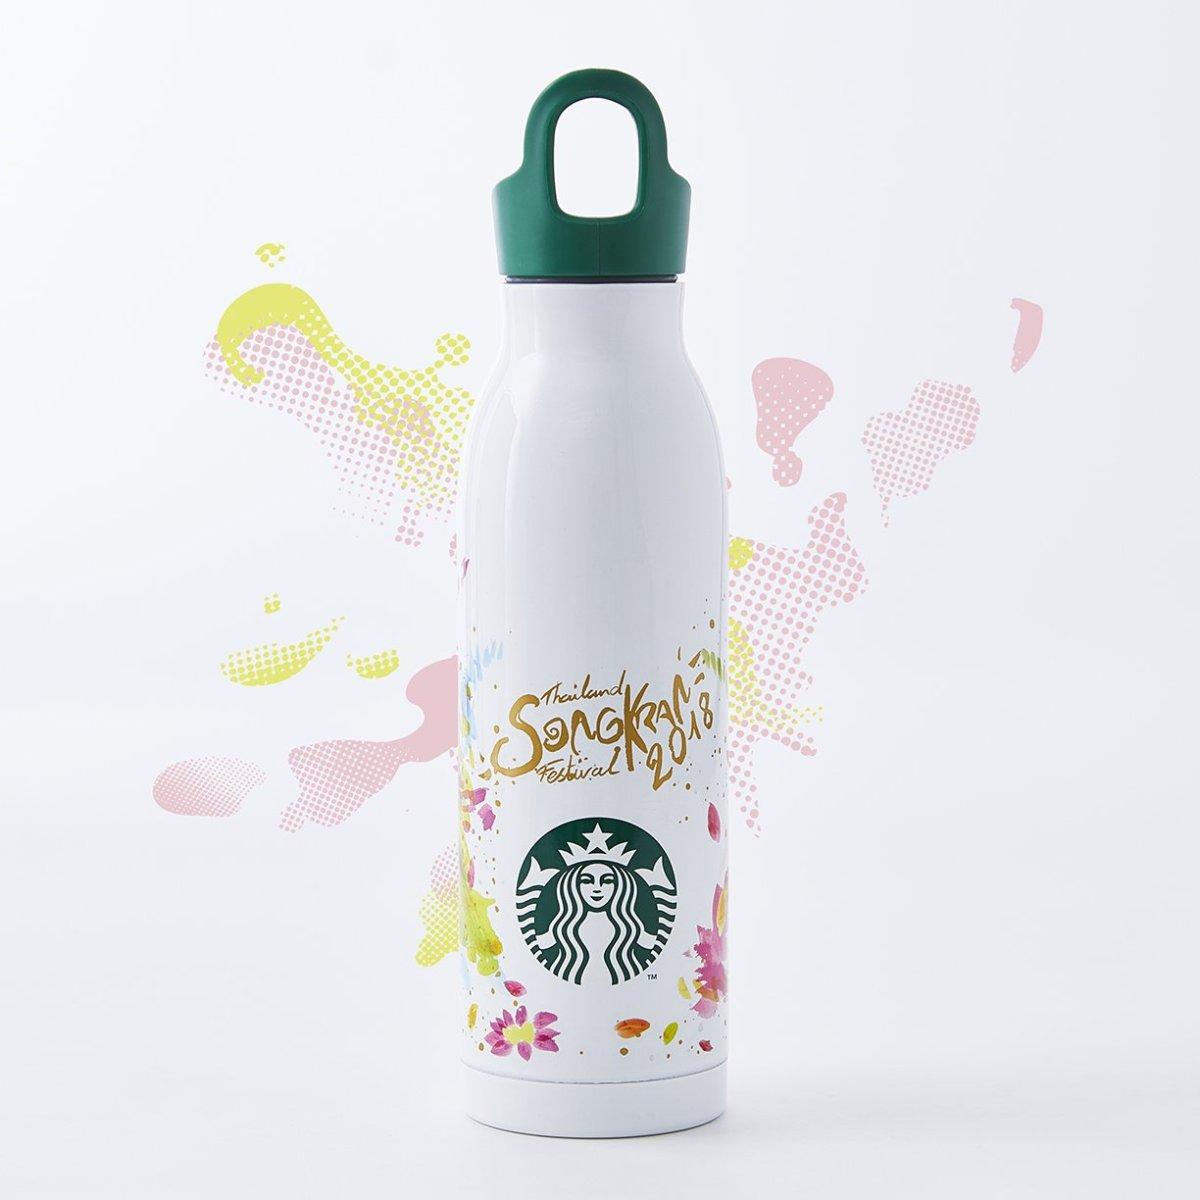 สตาร์บัคส์ร่วมนับถอยหลังเฉลิมฉลองวันปีใหม่ไทย  พร้อมส่งคอลเลคชั่นดริ้งค์แวร์ใหม่ล่าสุดแต่งแต้มสีสันแห่งความสนุกรับเทศกาลสงกรานต์ 15 - Starbucks (สตาร์บัคส์)